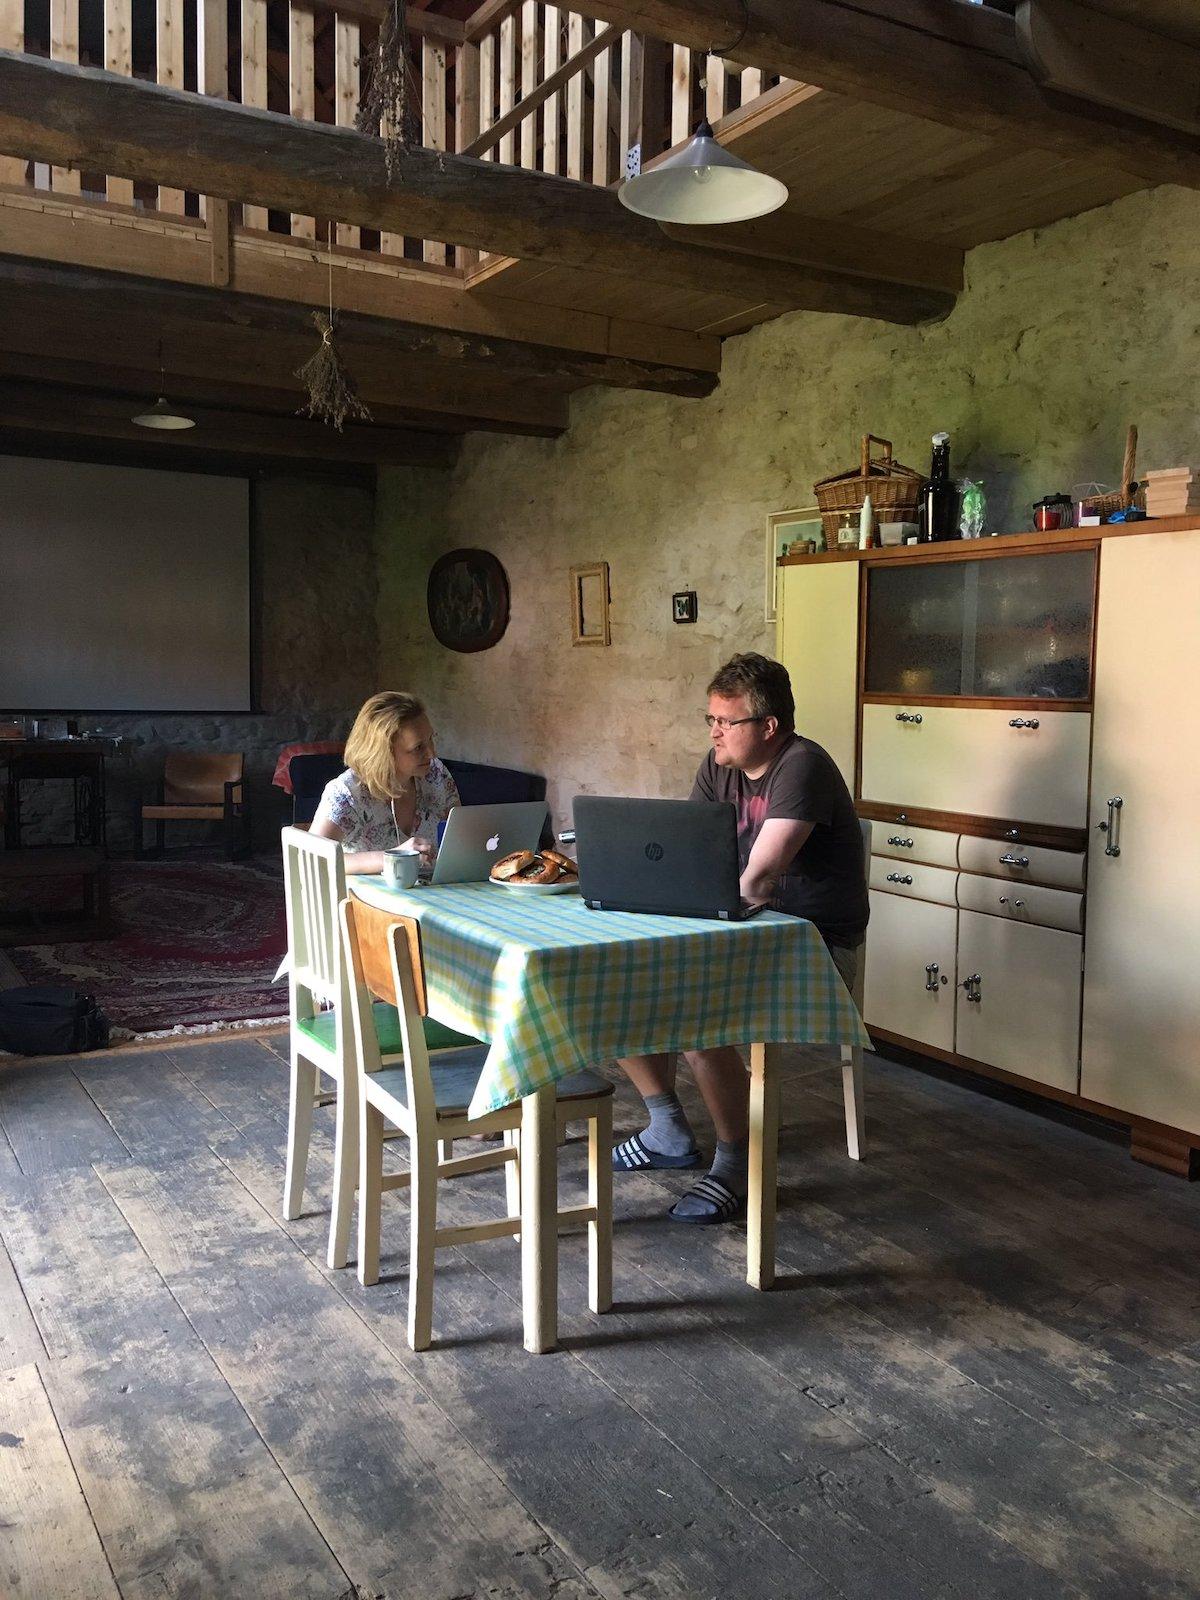 Český rozhlas kvůli podcastu vyjíždí za hosty na různá místa, zde šéfredaktor Hlídacího psa Robert Břešťan. Foto: Tomáš Jelen